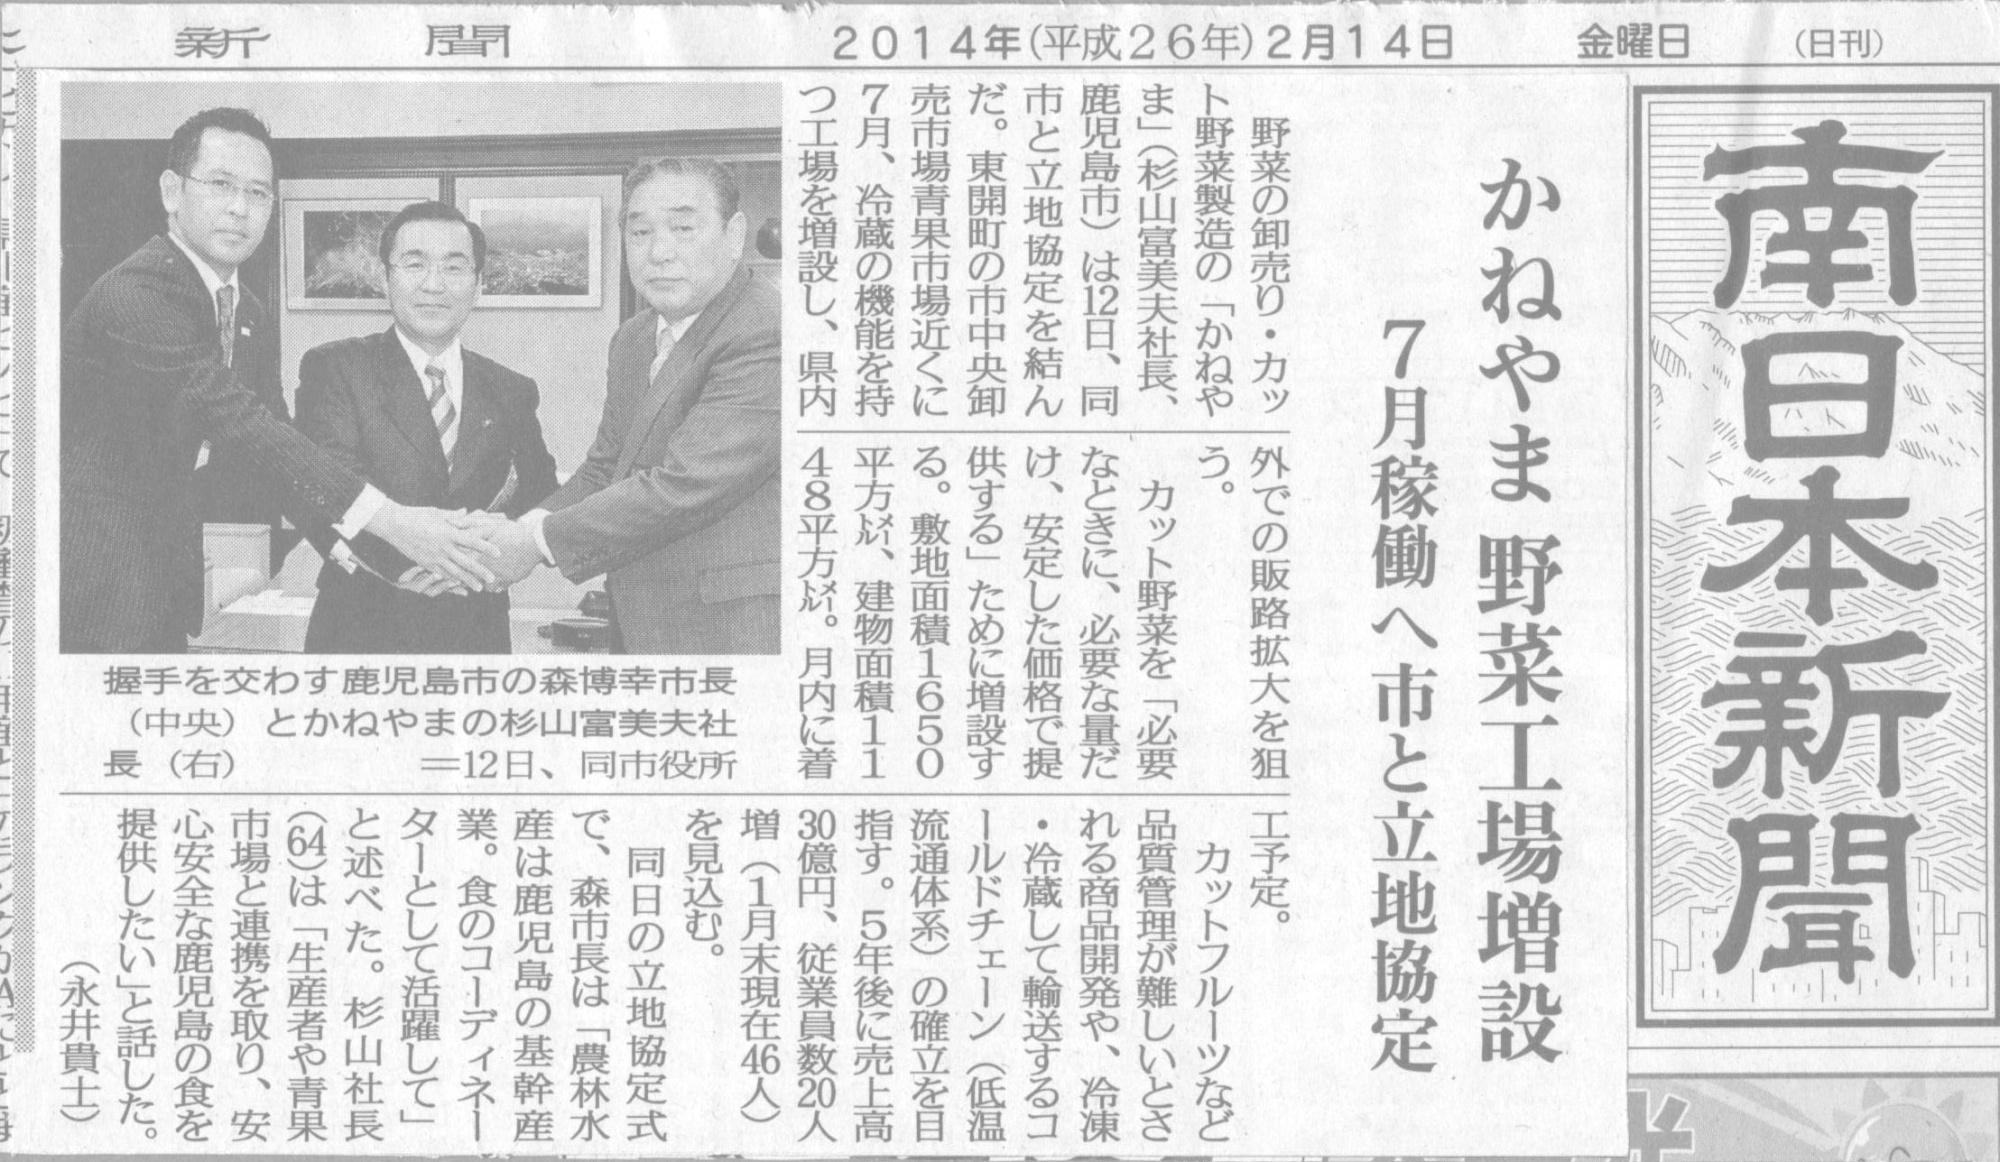 2014月2月14日 南日本新聞